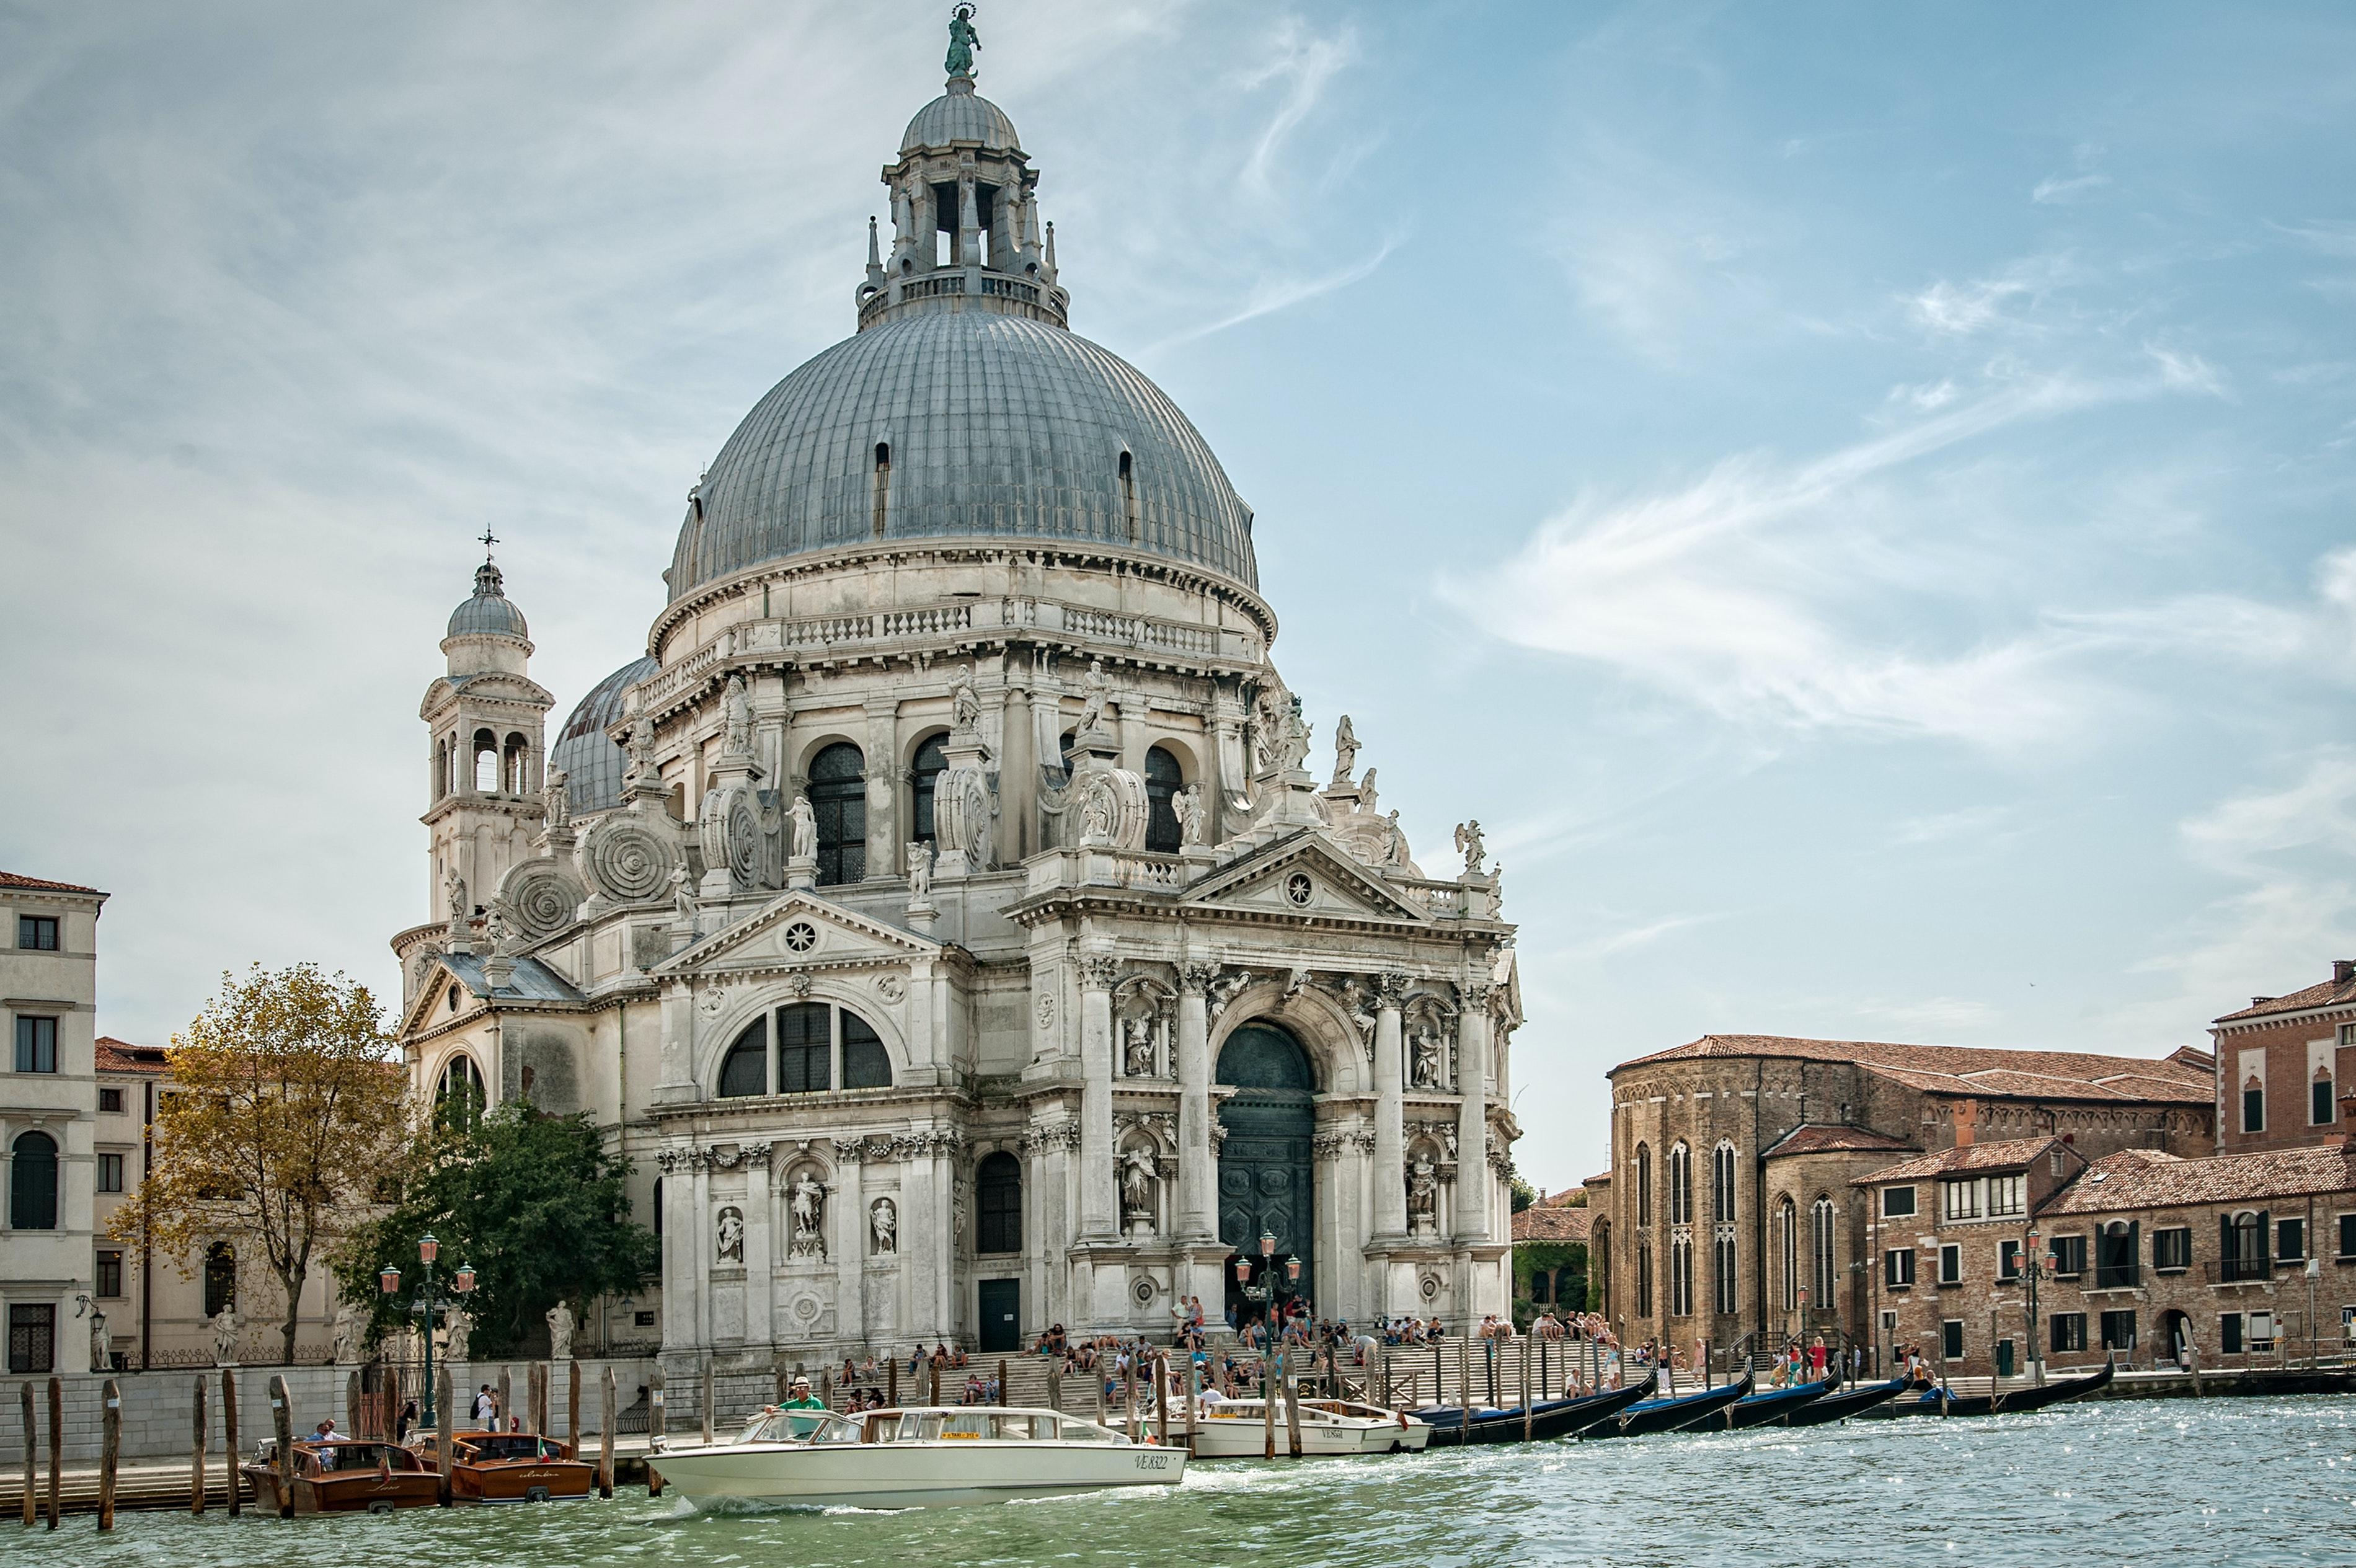 Venice celebrates the anniversary of the Madonna della Salute